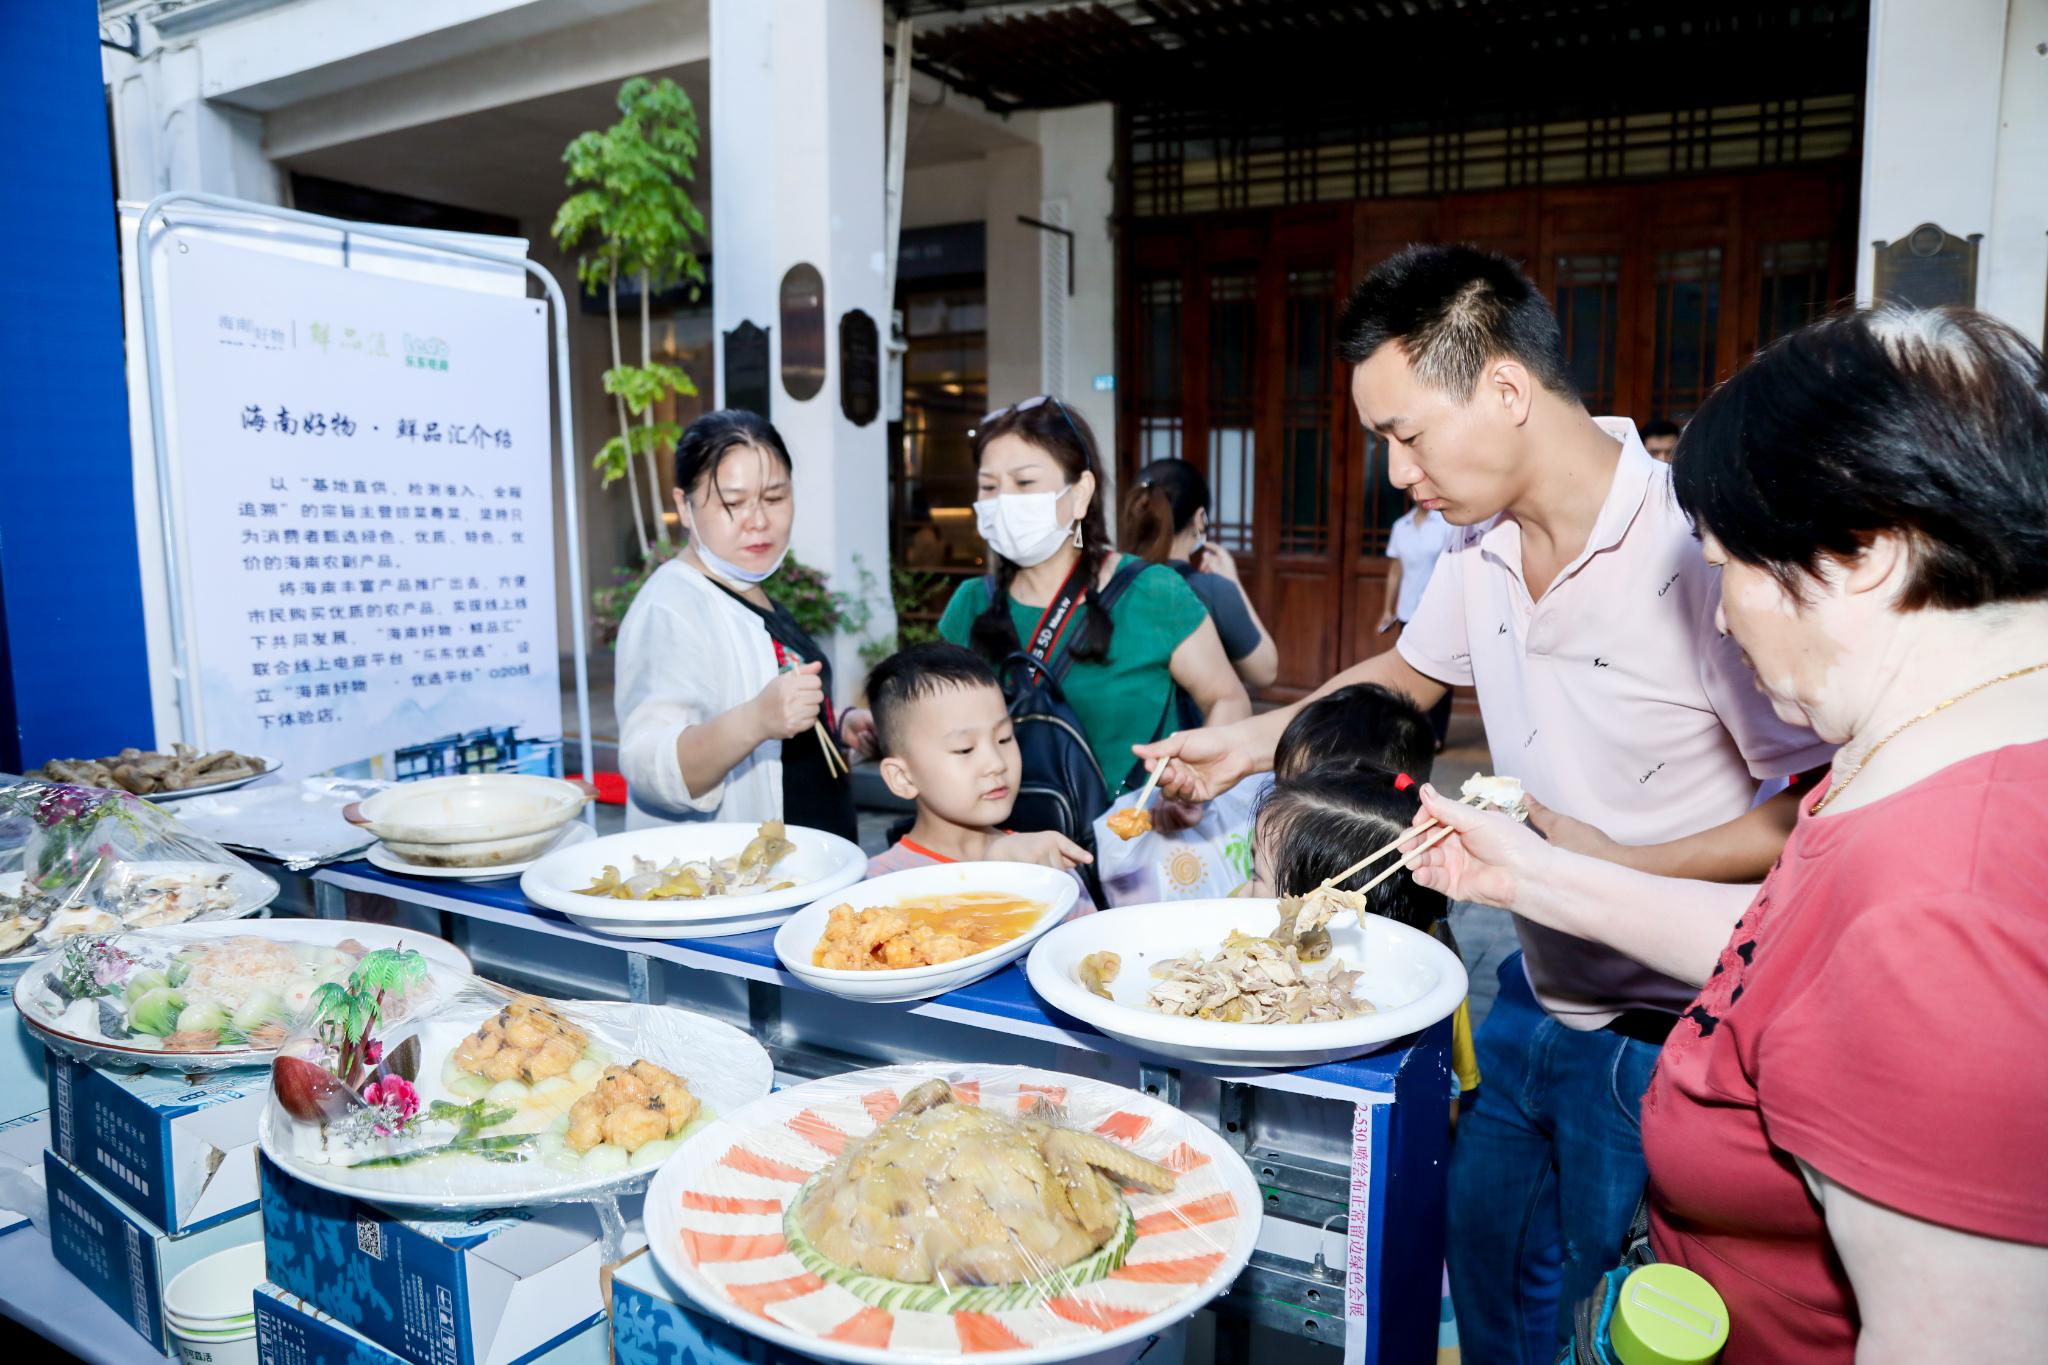 2021年琼粤港澳美食文化交流系列活动在海口启动